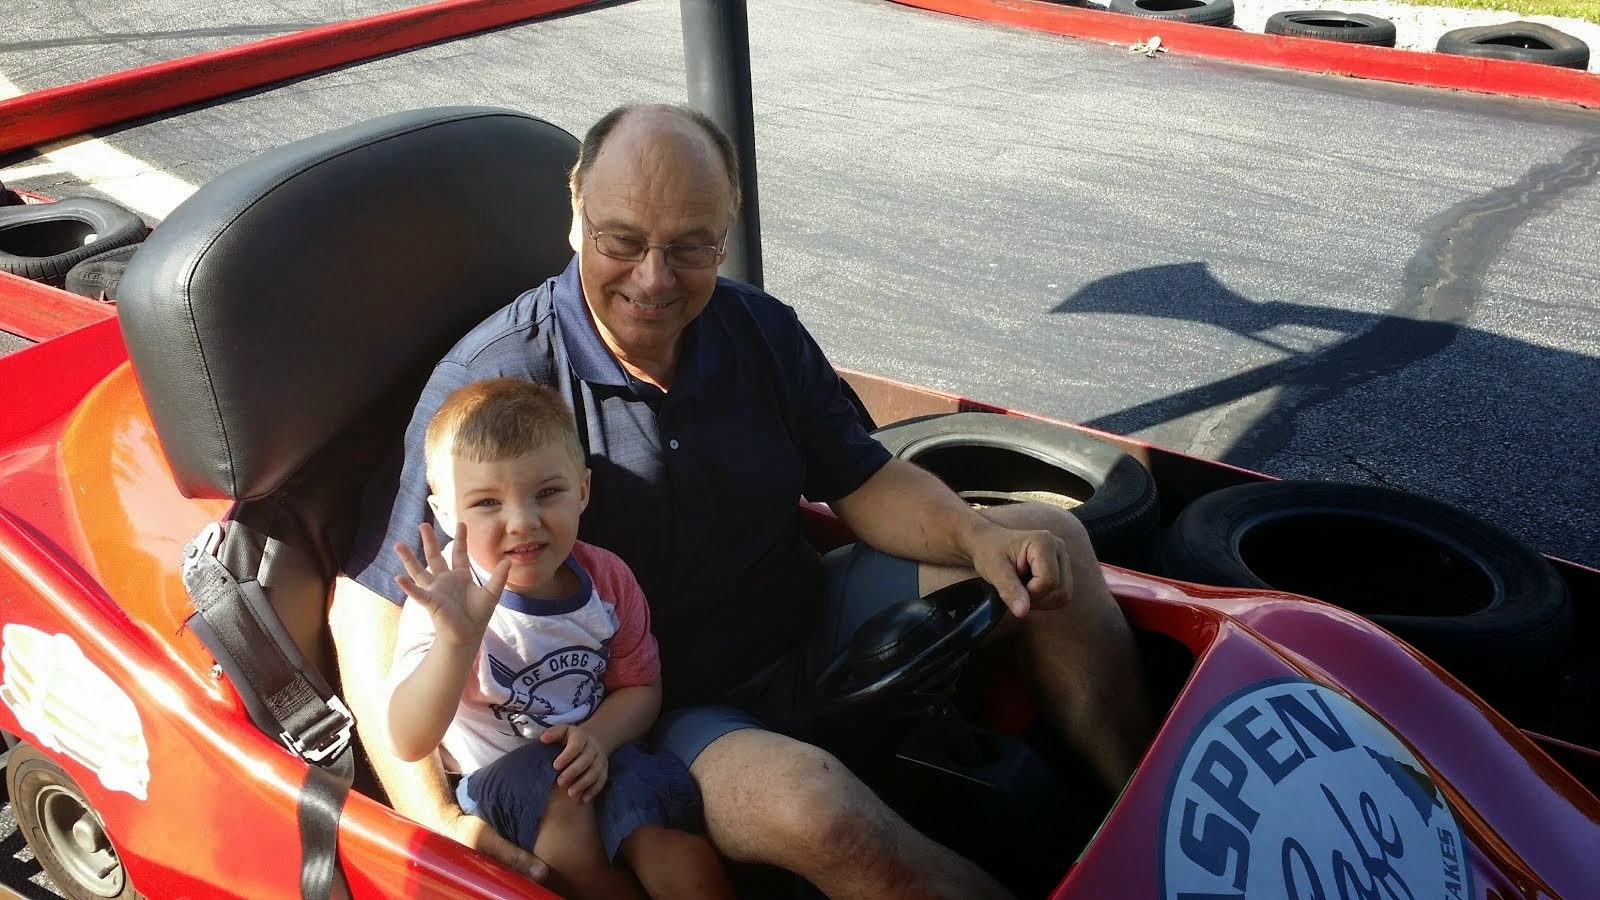 Zach's First Go Cart Ride